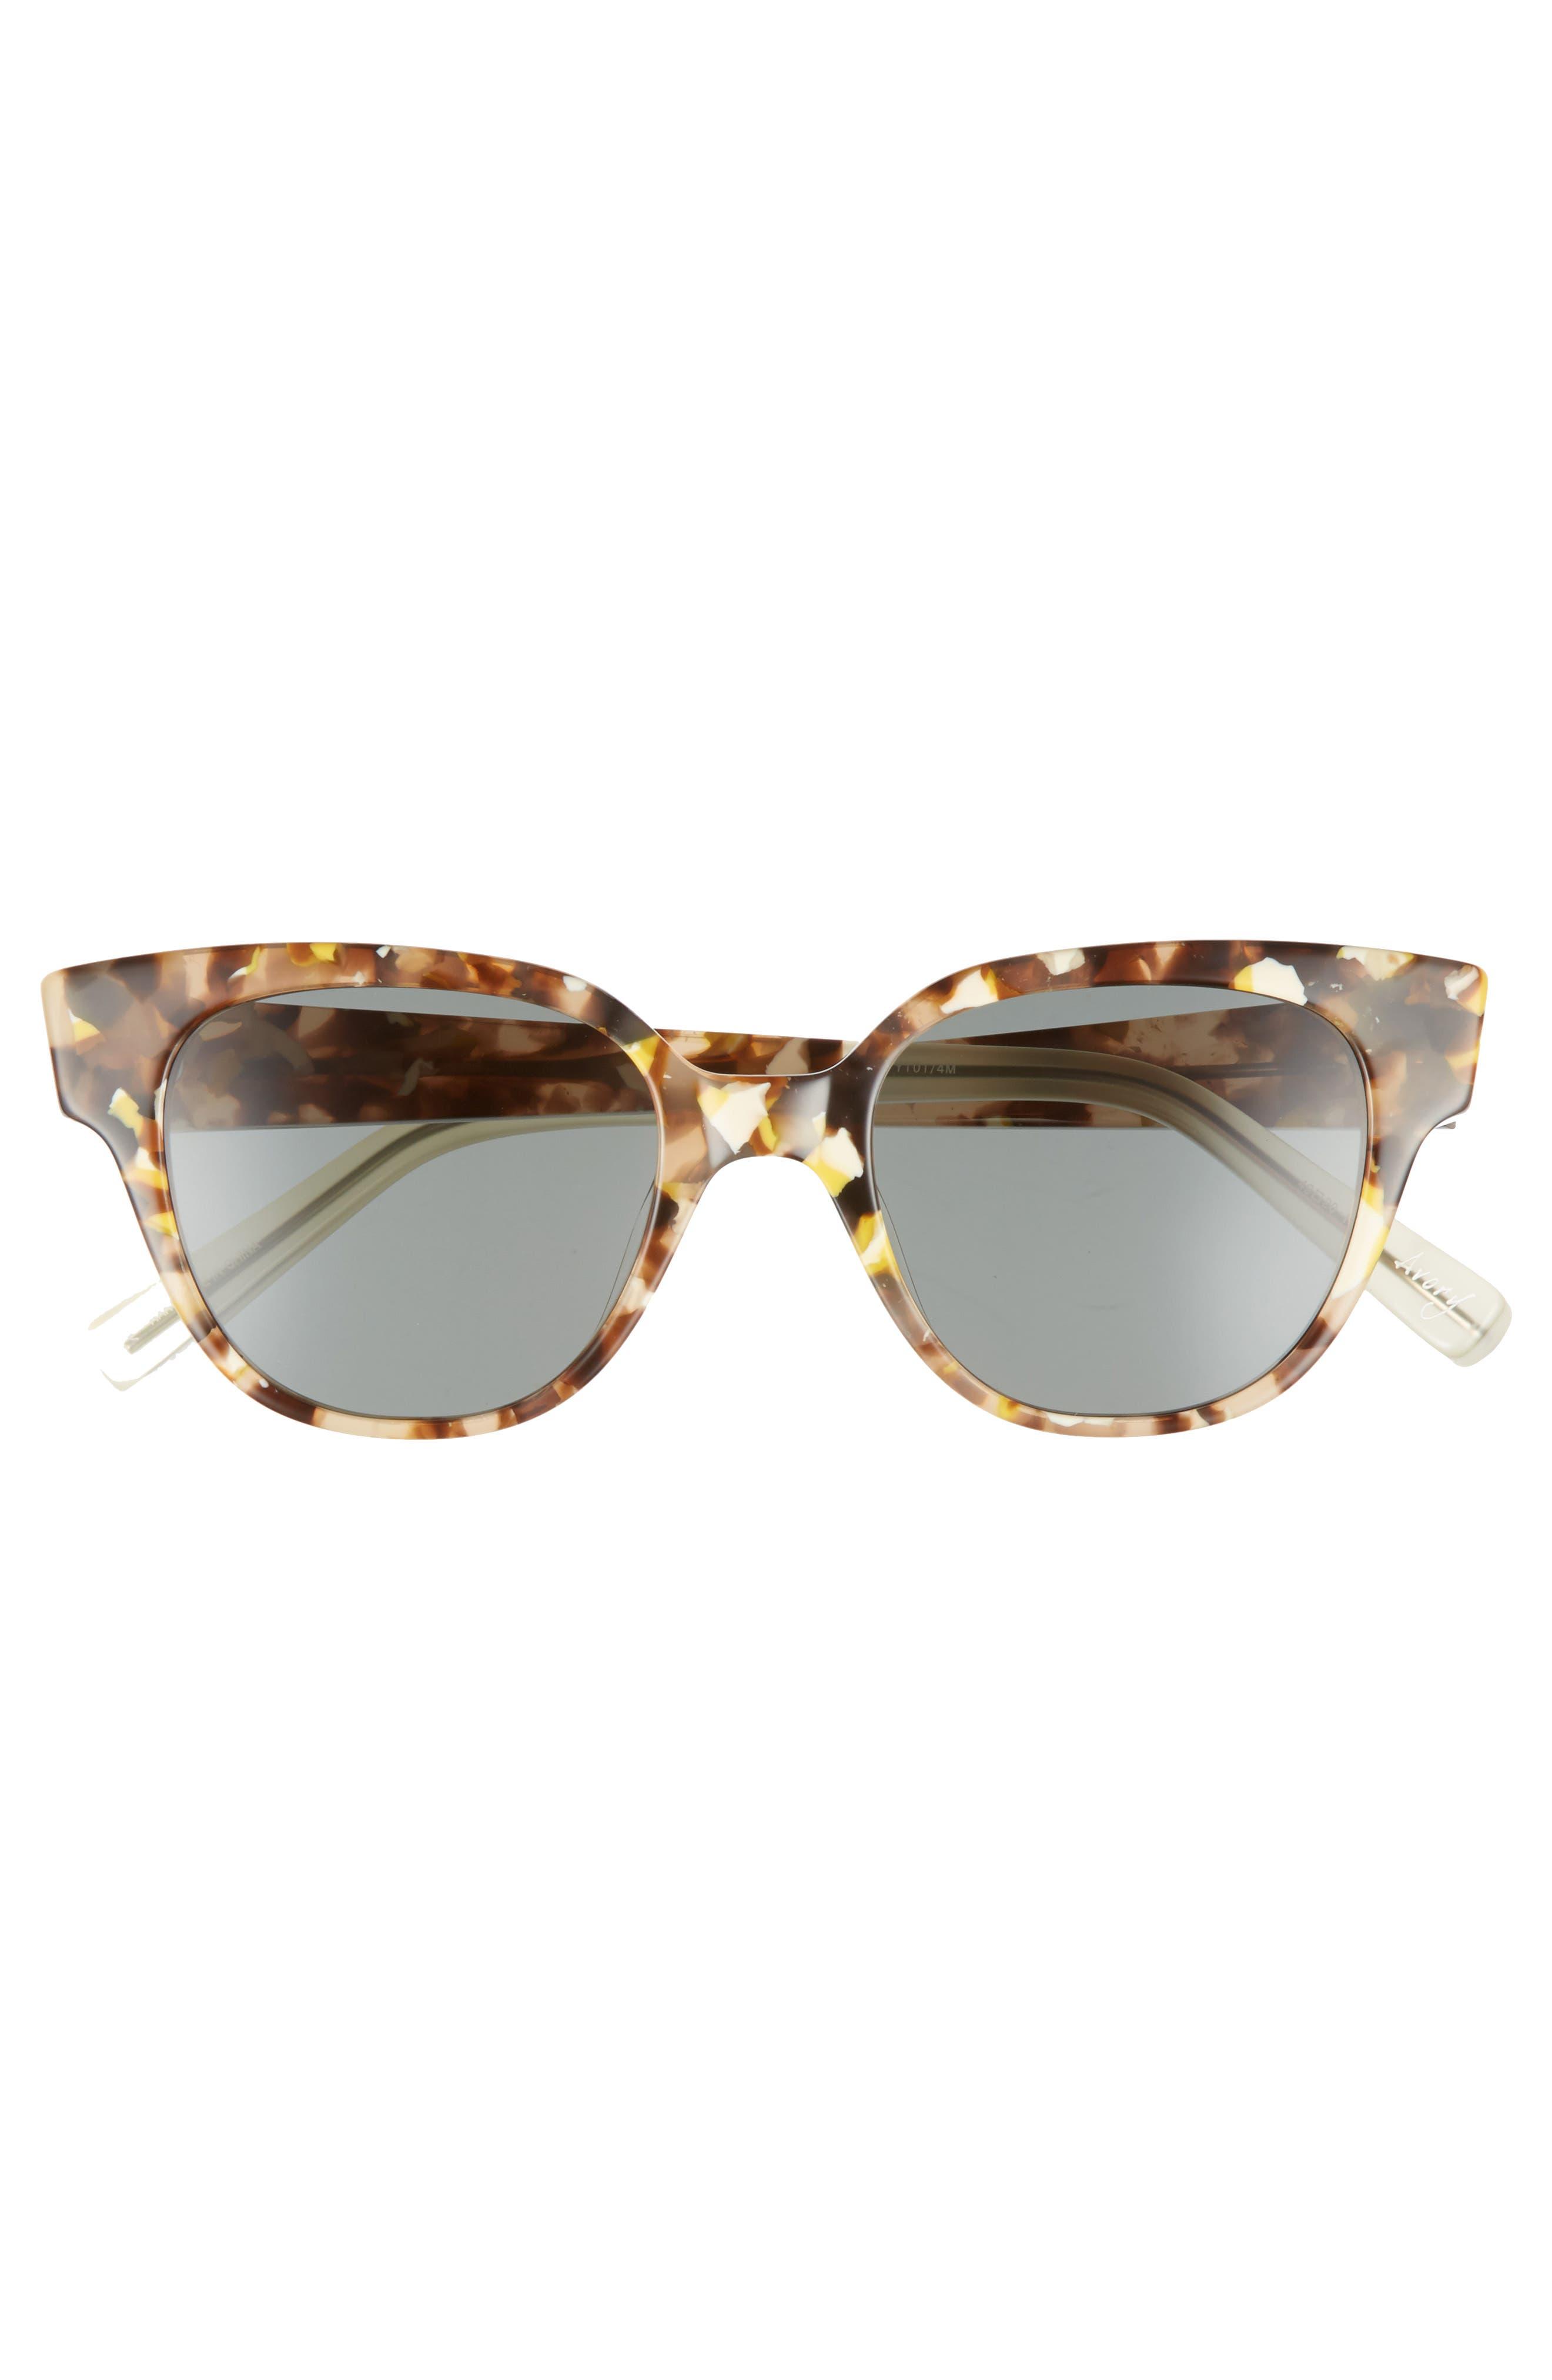 Avory 49mm Cat Eye Sunglasses,                             Alternate thumbnail 6, color,